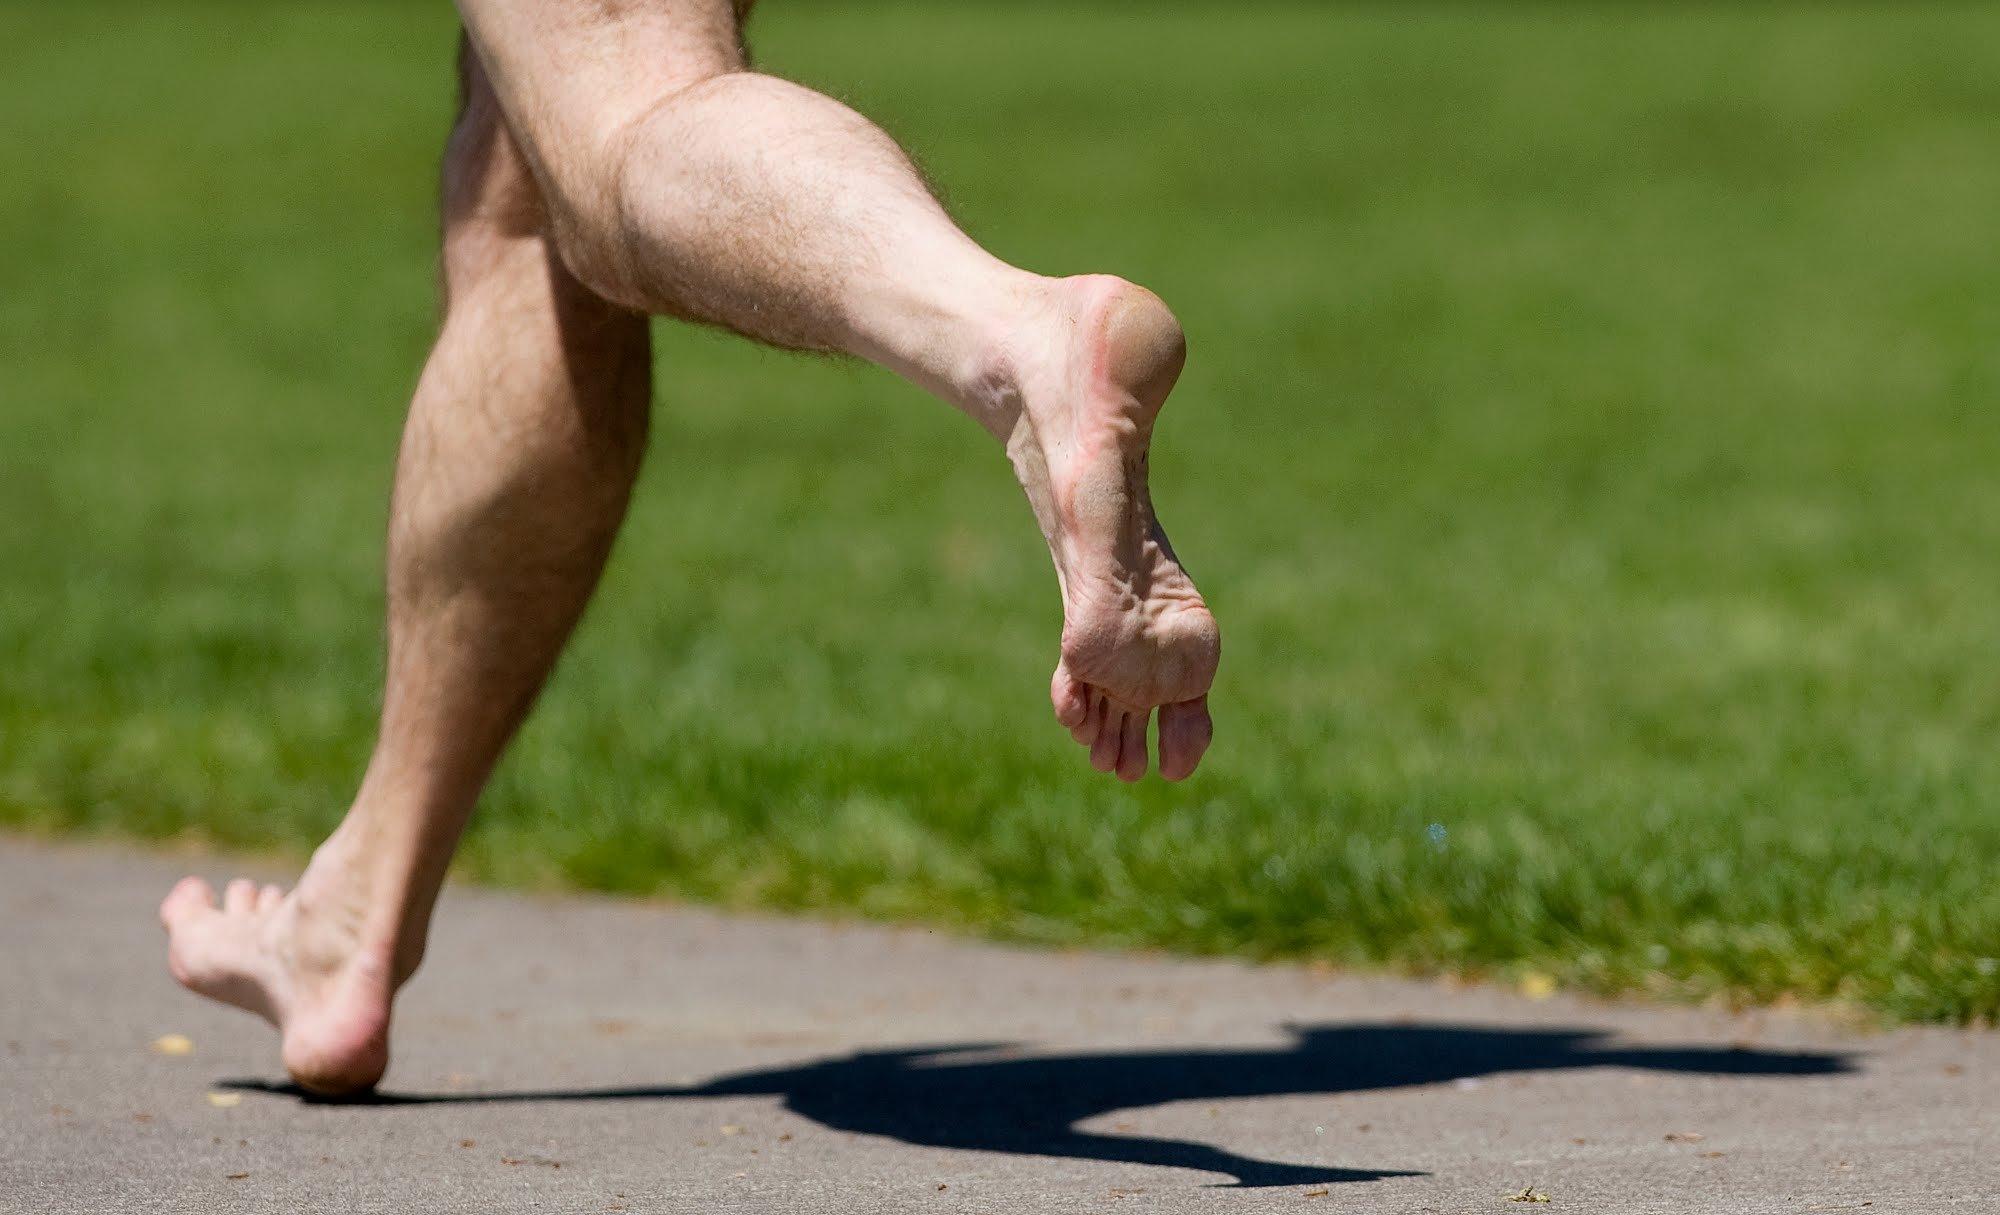 Мужские голые ноги, как правильно вставлять хуй в пизду видео